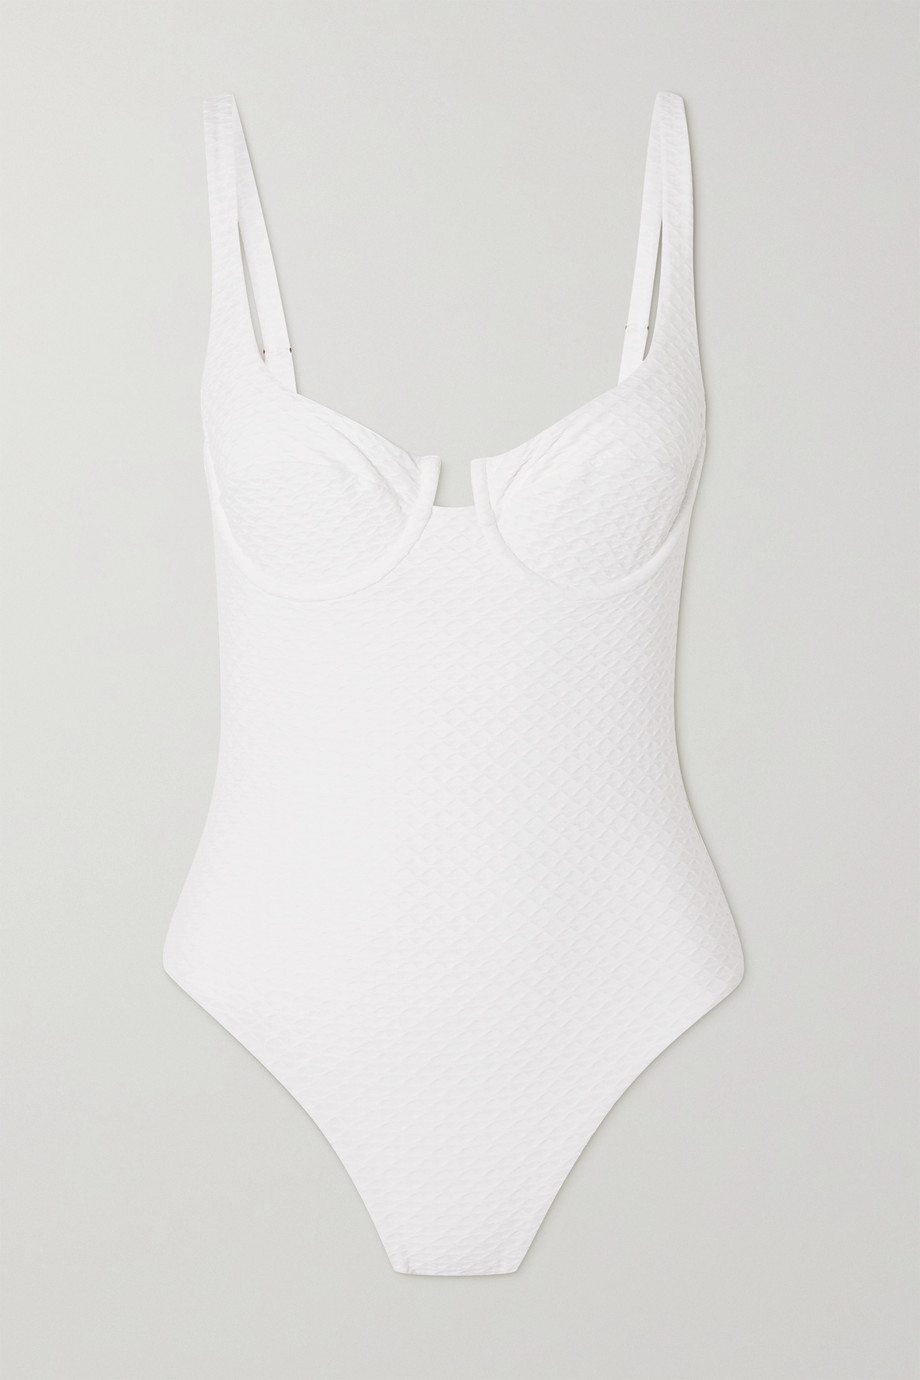 Melissa Odabash Sanremo Badeanzug aus strukturiertem Stretch-Material mit Bügeln und Cut-out